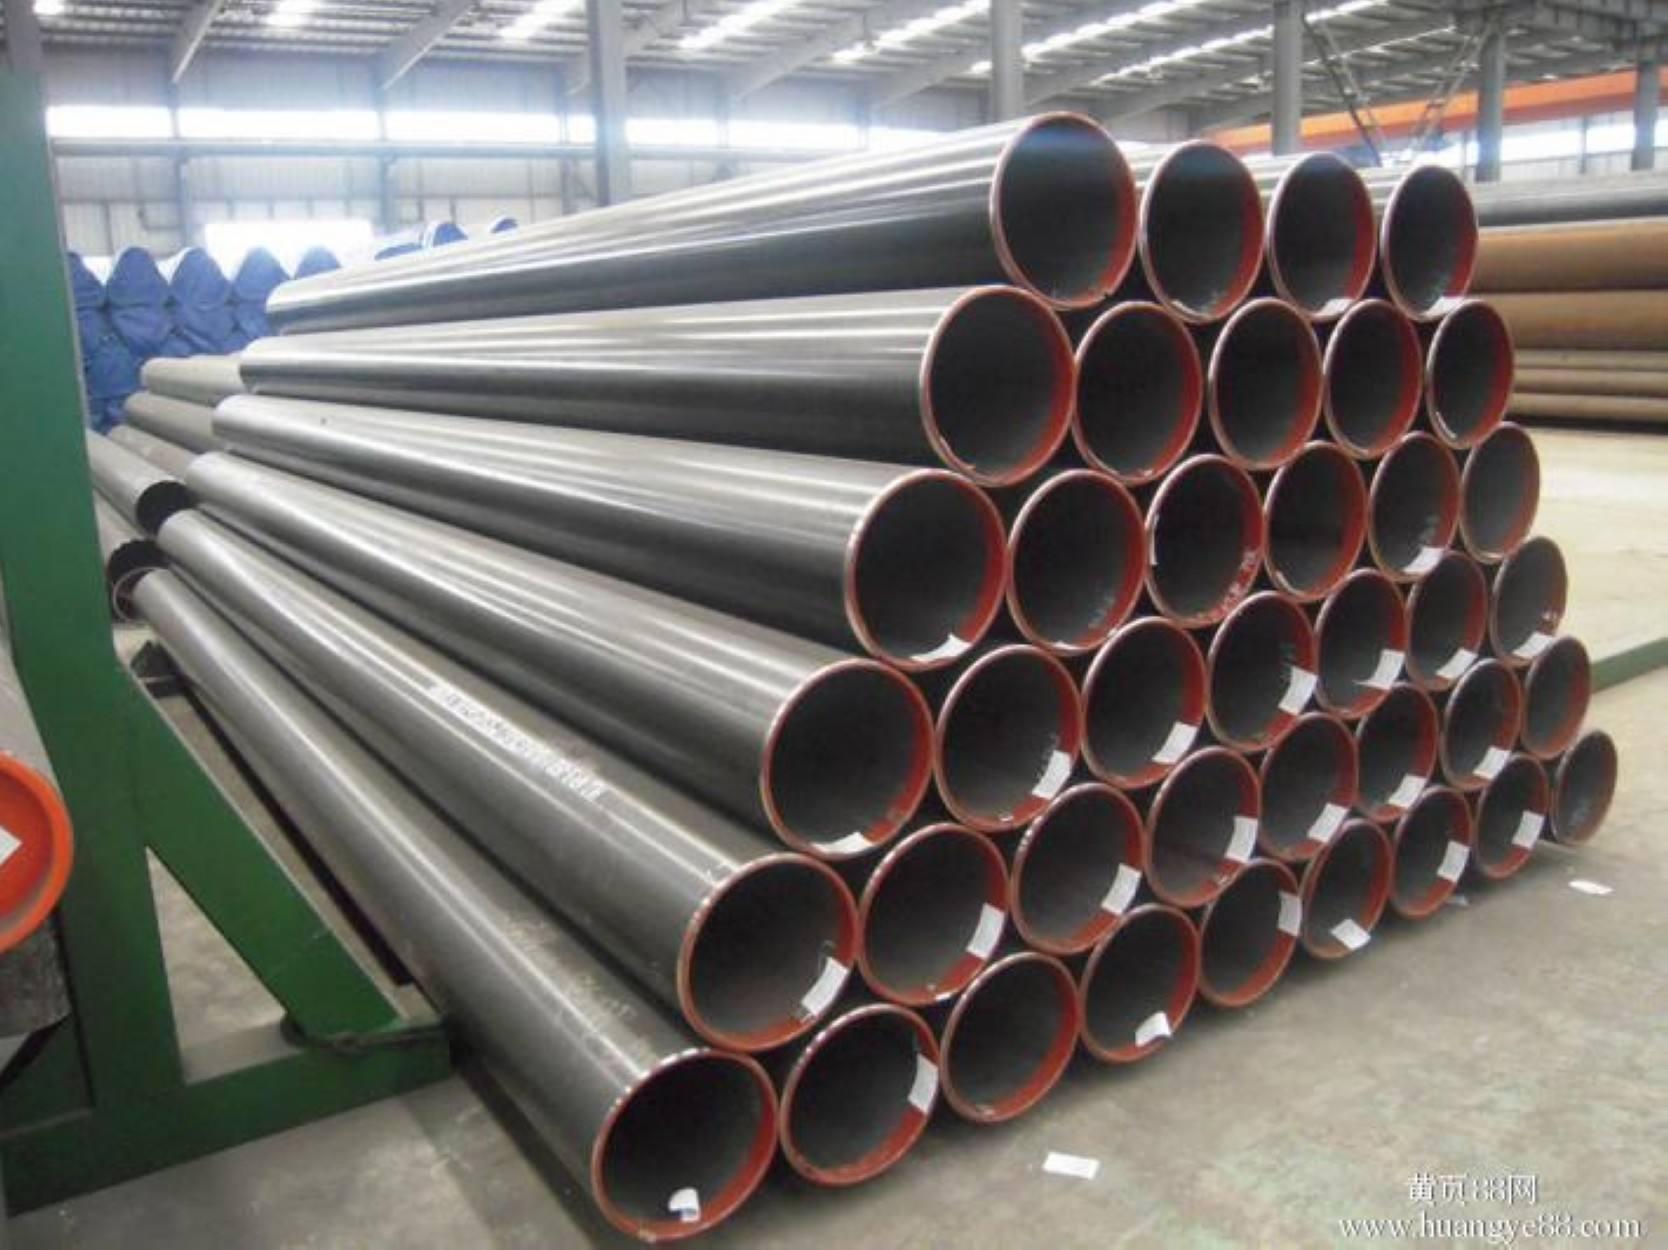 江苏347特钢厂家告诉你特钢的作用